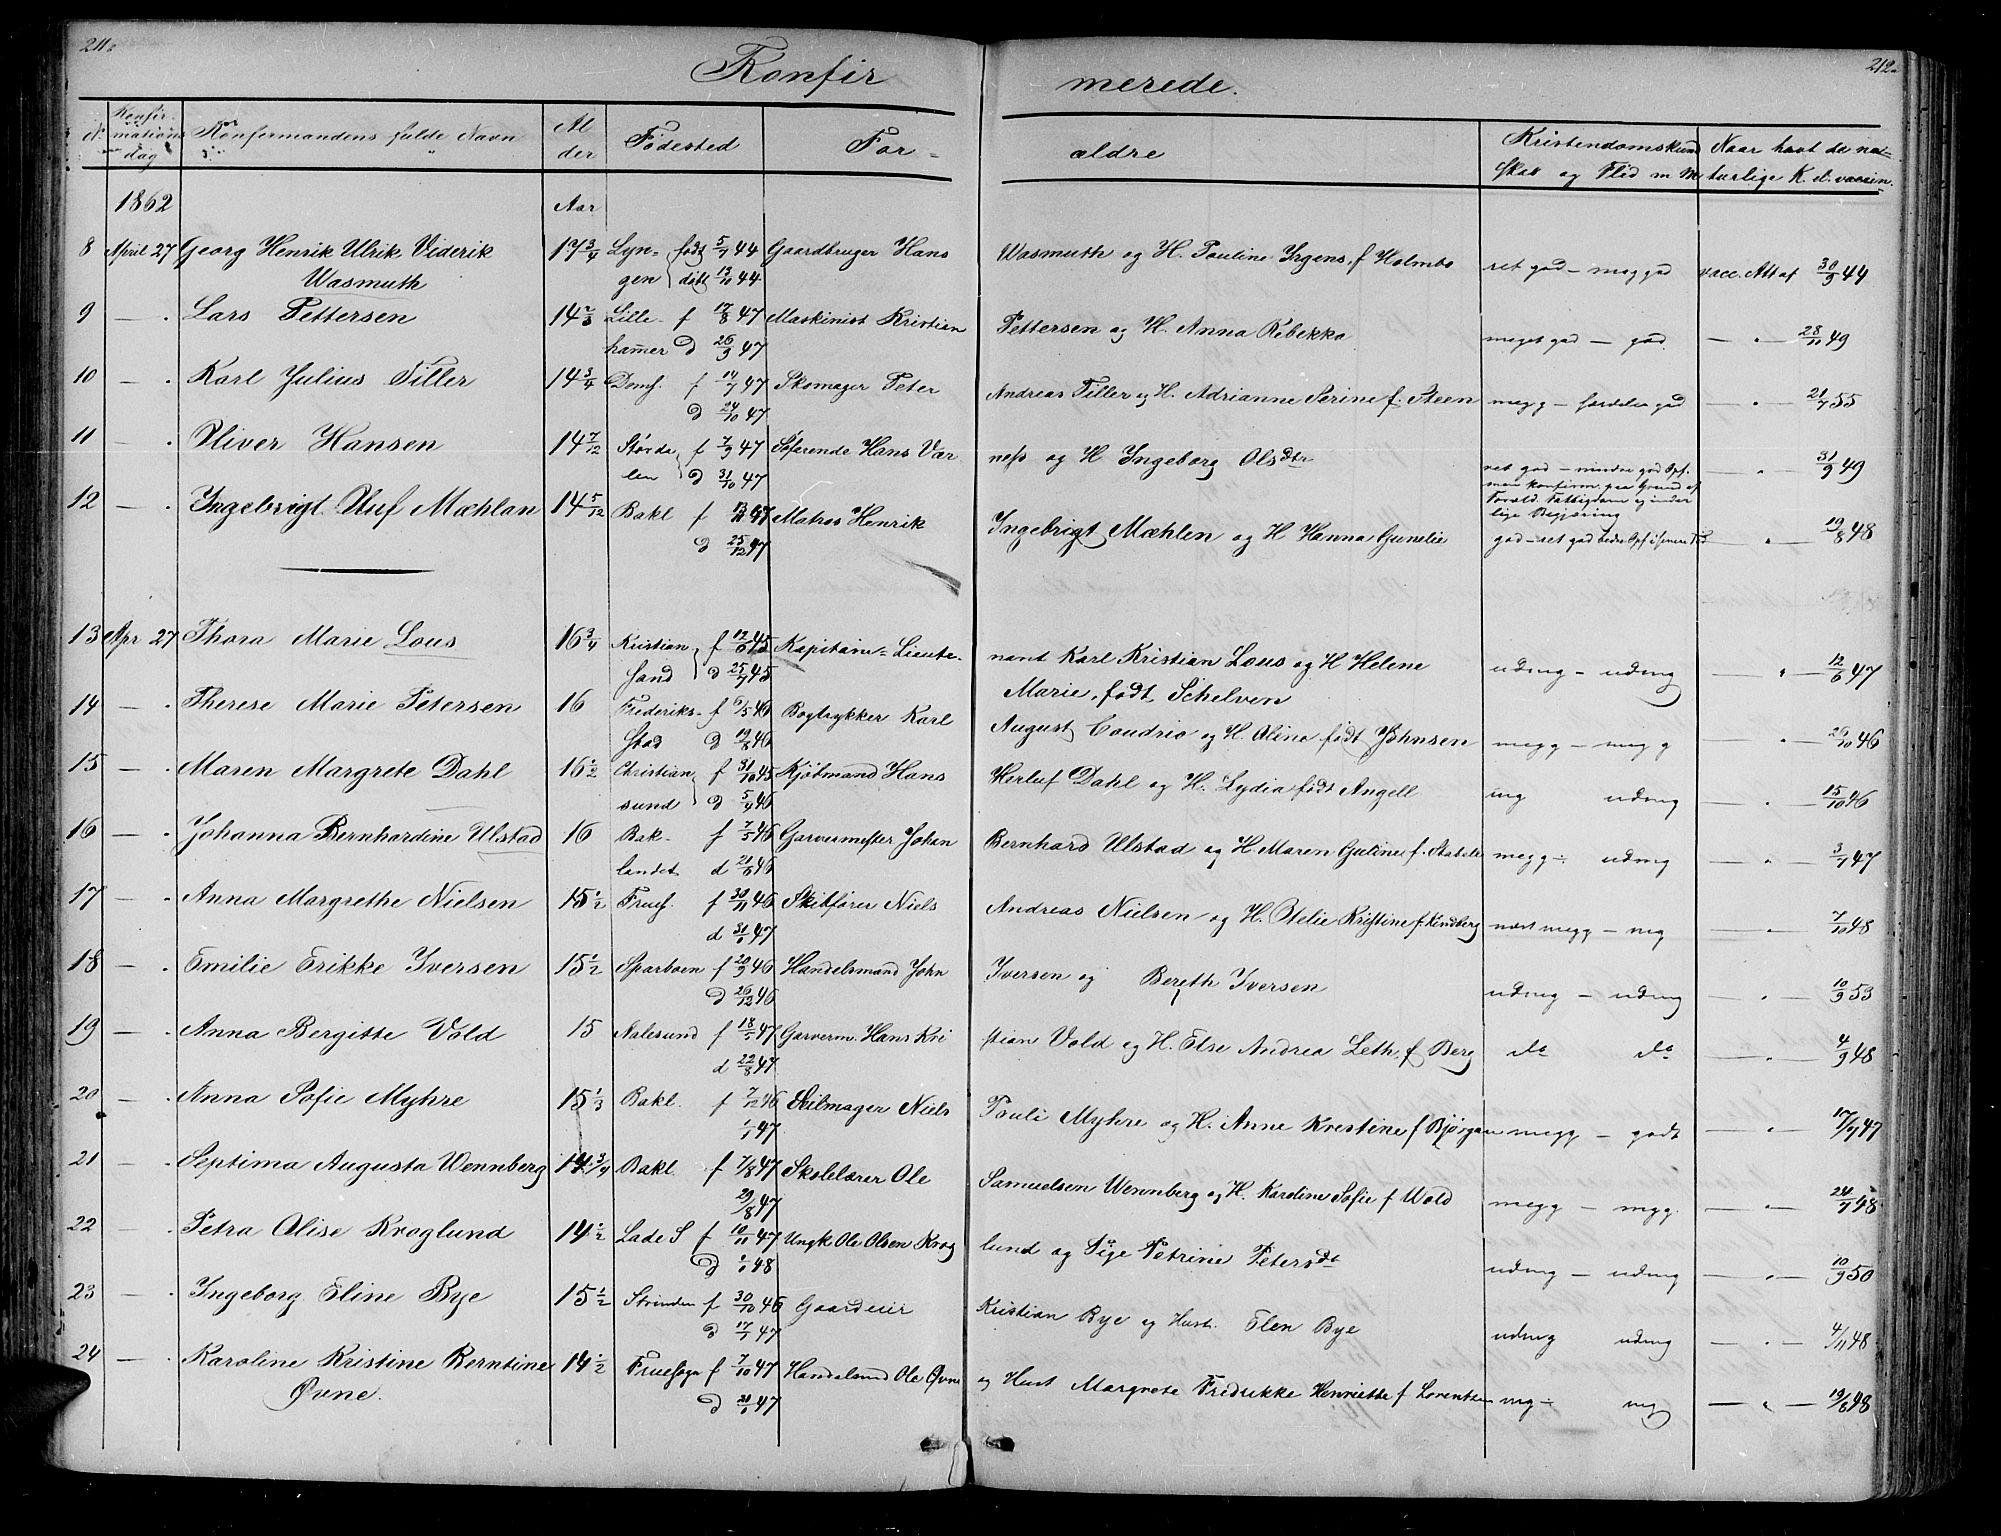 SAT, Ministerialprotokoller, klokkerbøker og fødselsregistre - Sør-Trøndelag, 604/L0219: Klokkerbok nr. 604C02, 1851-1869, s. 211-212